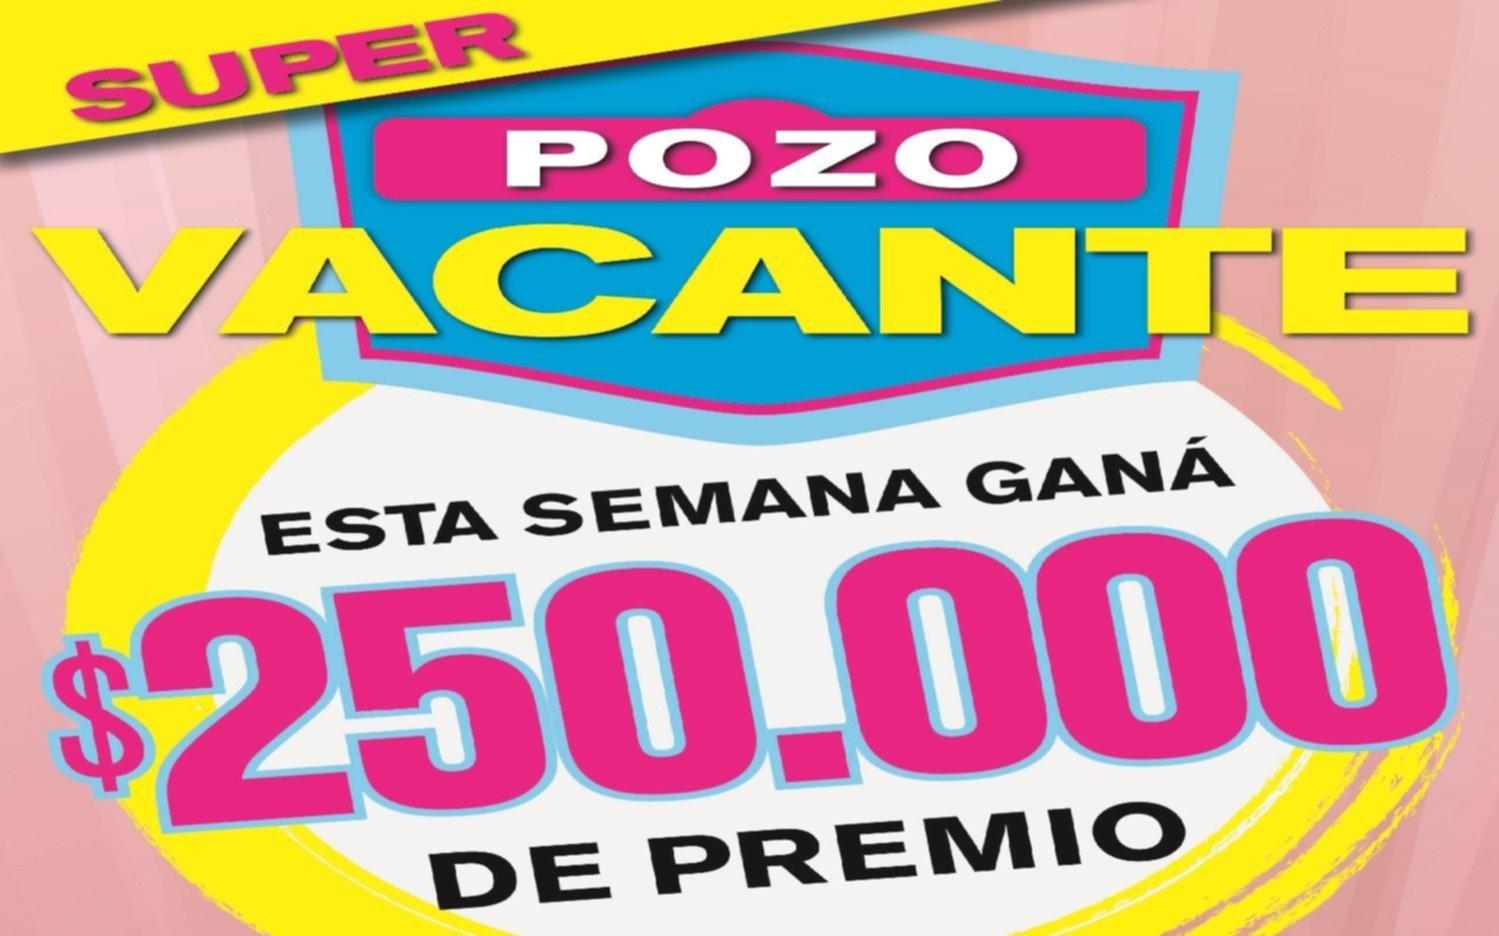 El Cartonazo quedó vacante y ahora se pone en juego un cuarto de millón de pesos